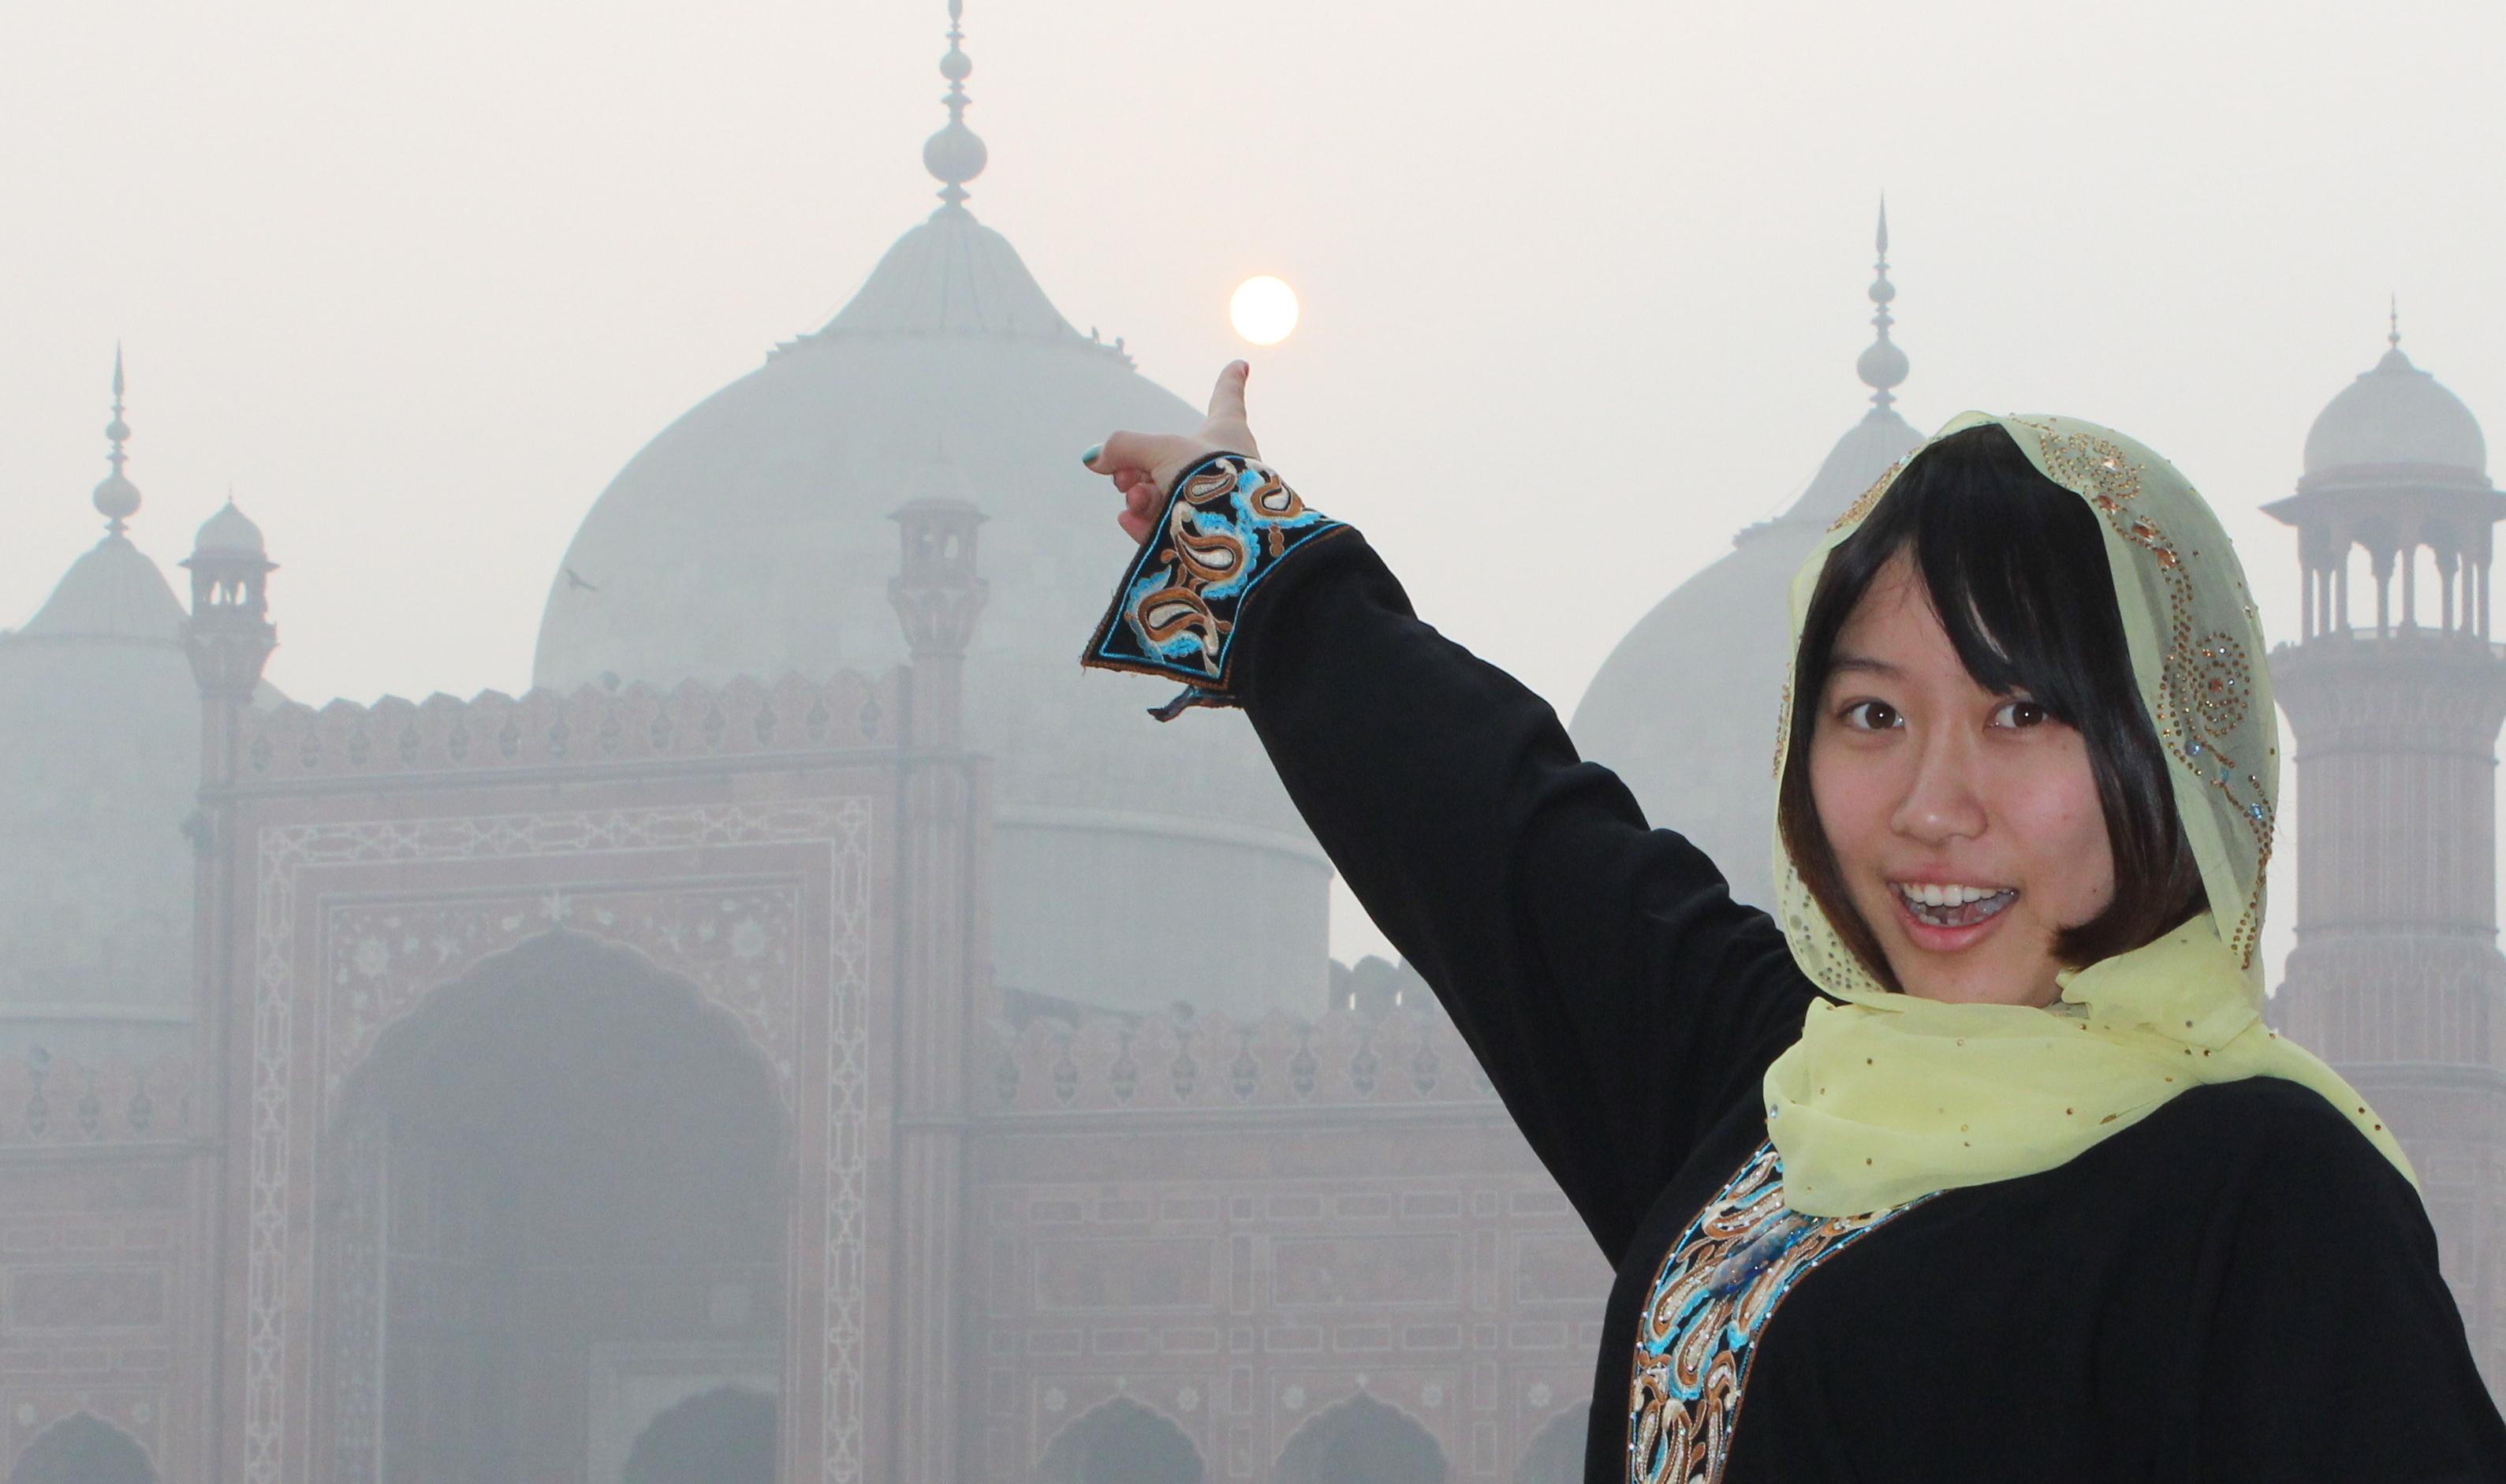 フツーな私が国連で働くために~パキスタン人留学生と考えるマララ~